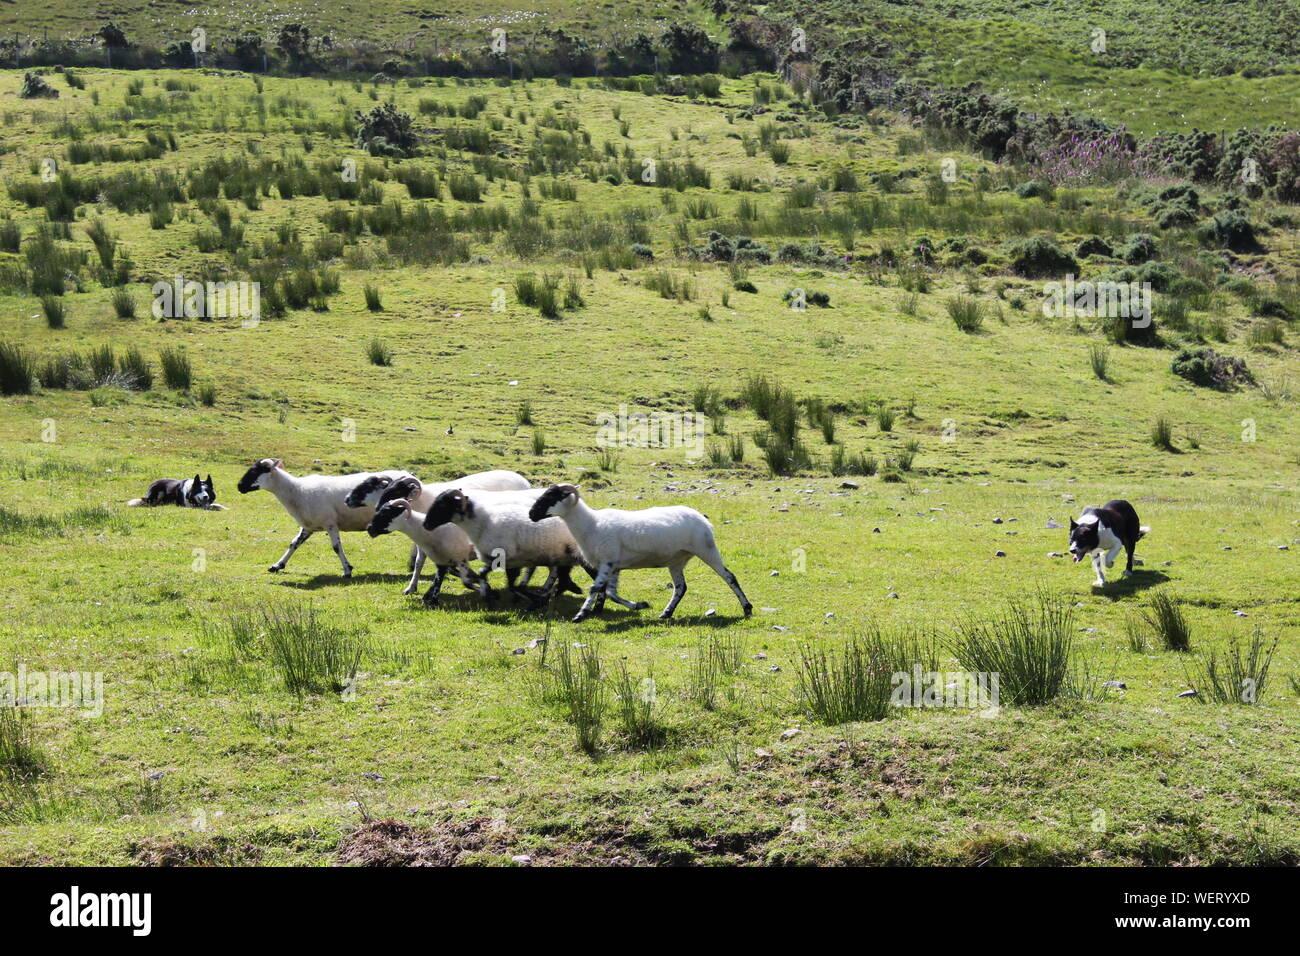 Perros pastoreando ovejas sobre césped Foto de stock